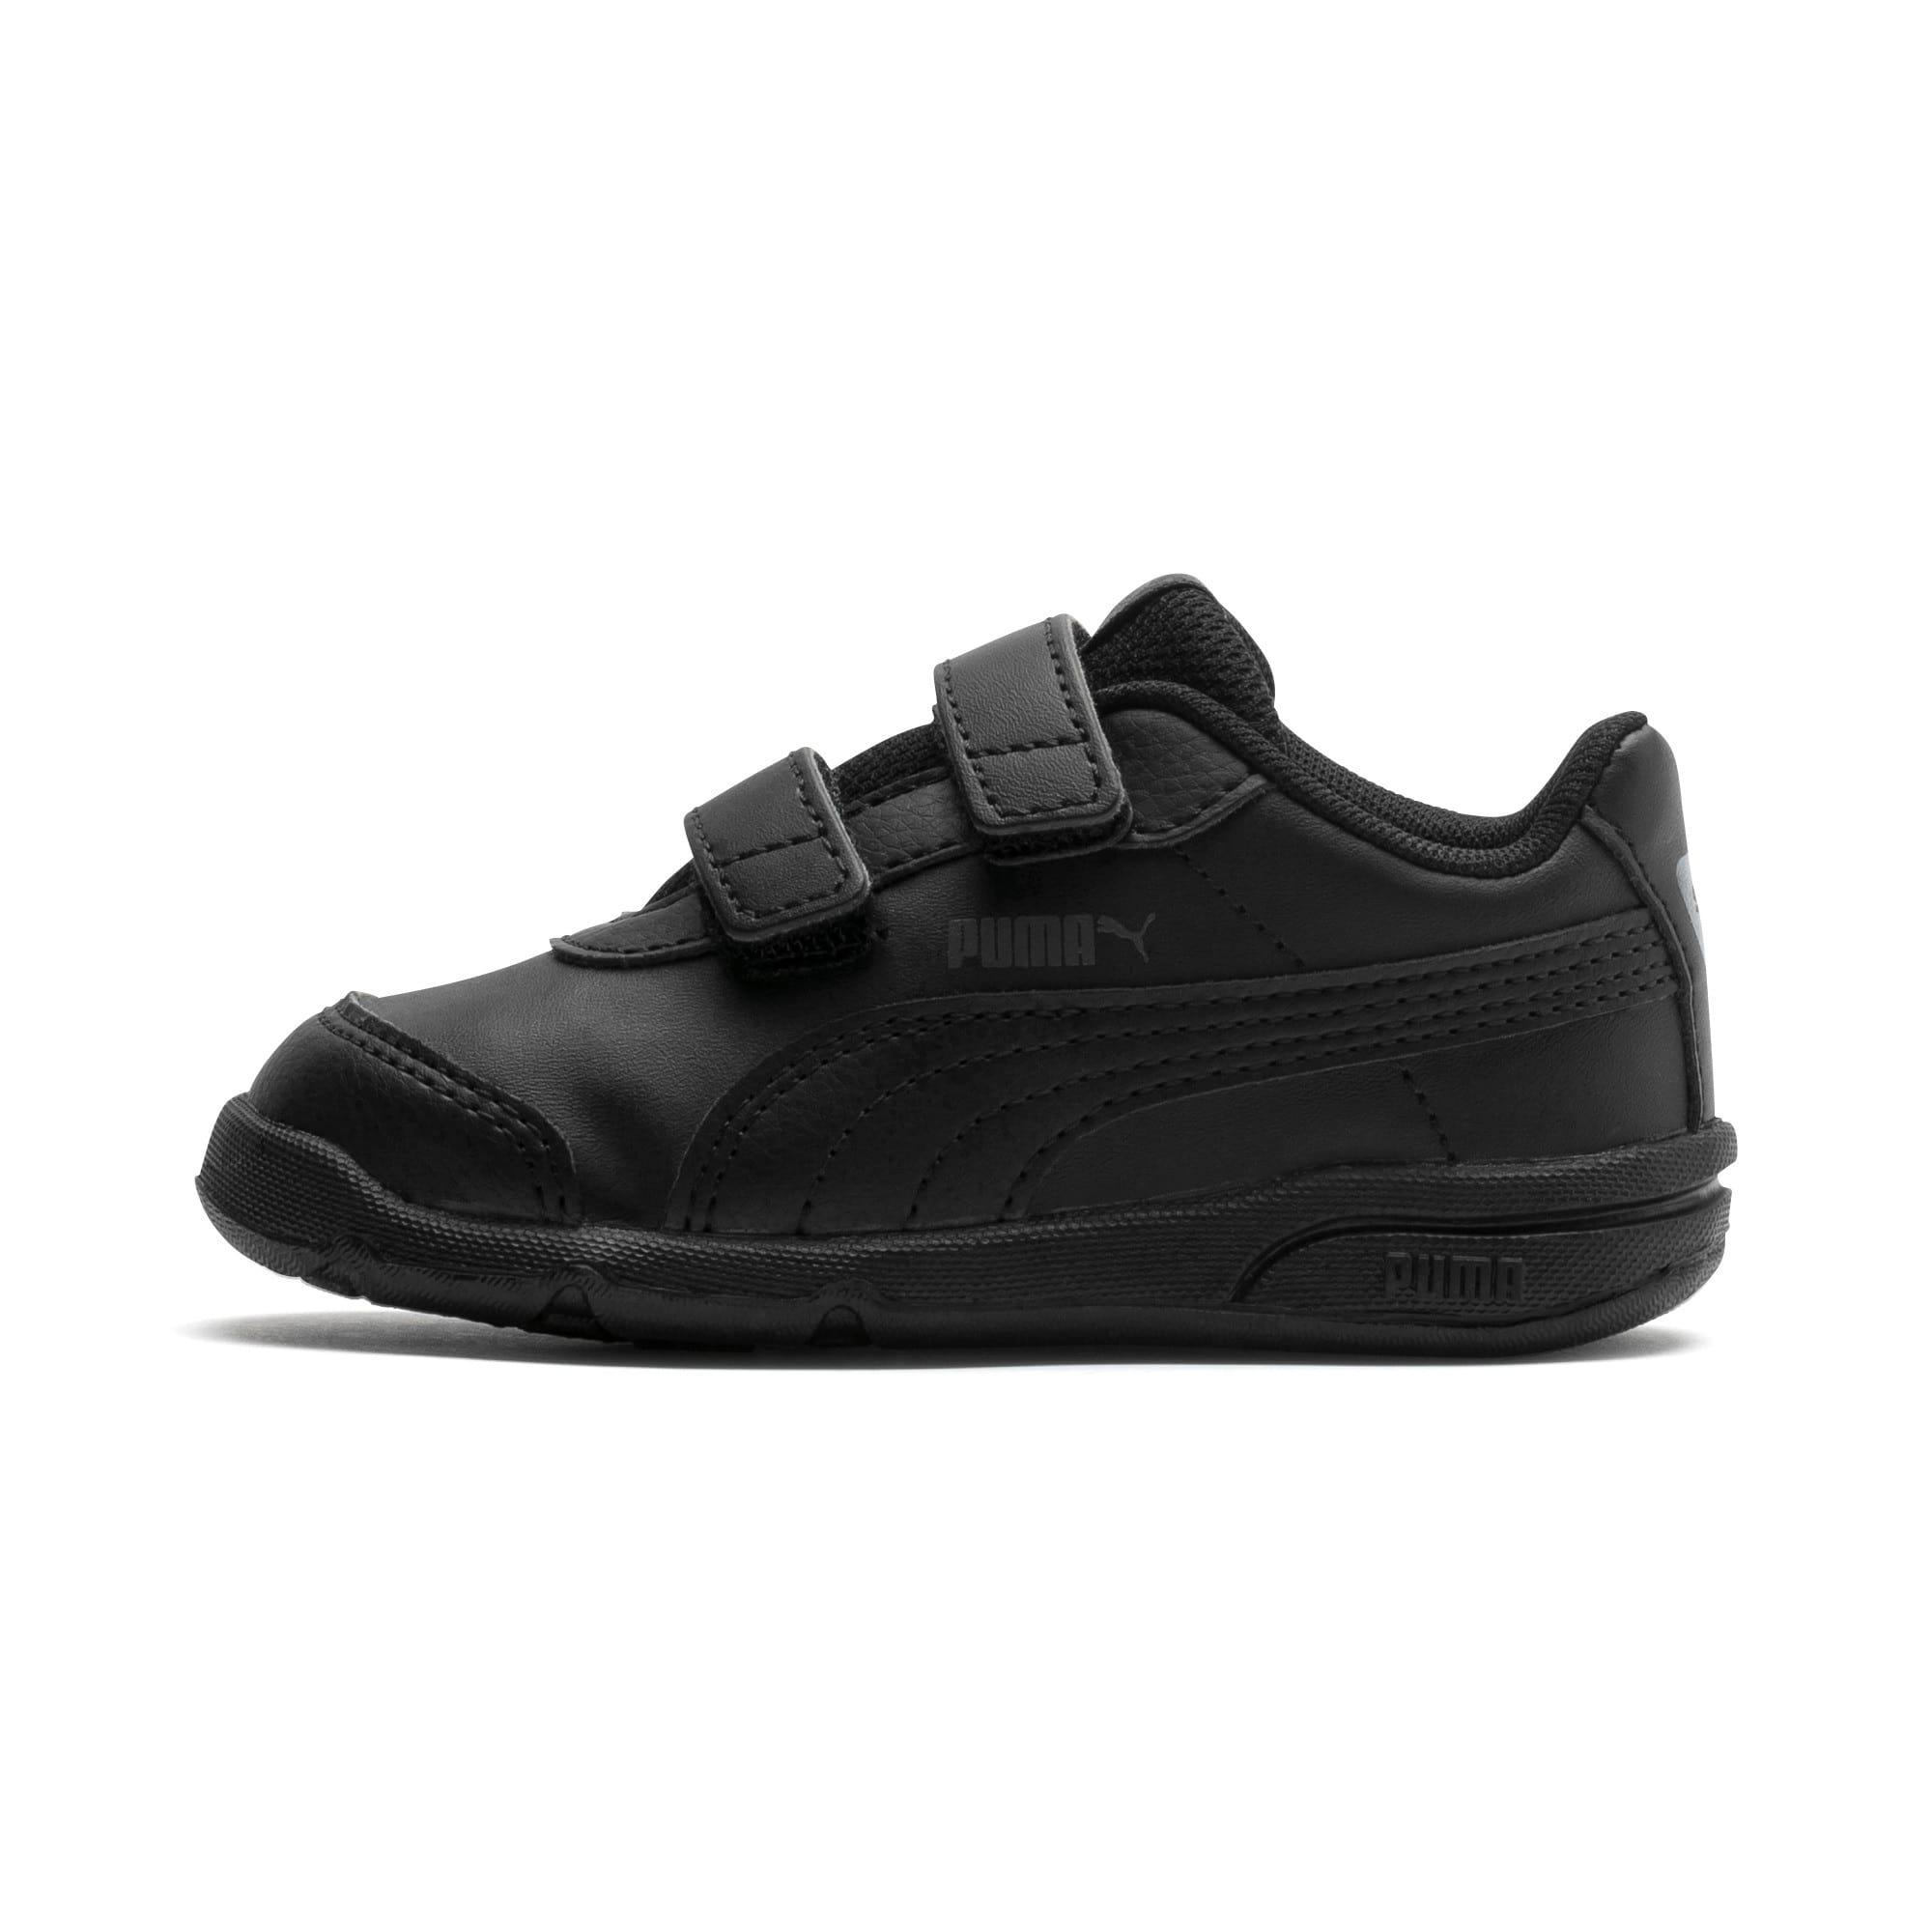 Thumbnail 1 of Stepfleex 2 SL VE V Babies' Trainers, Puma Black-Puma Black, medium